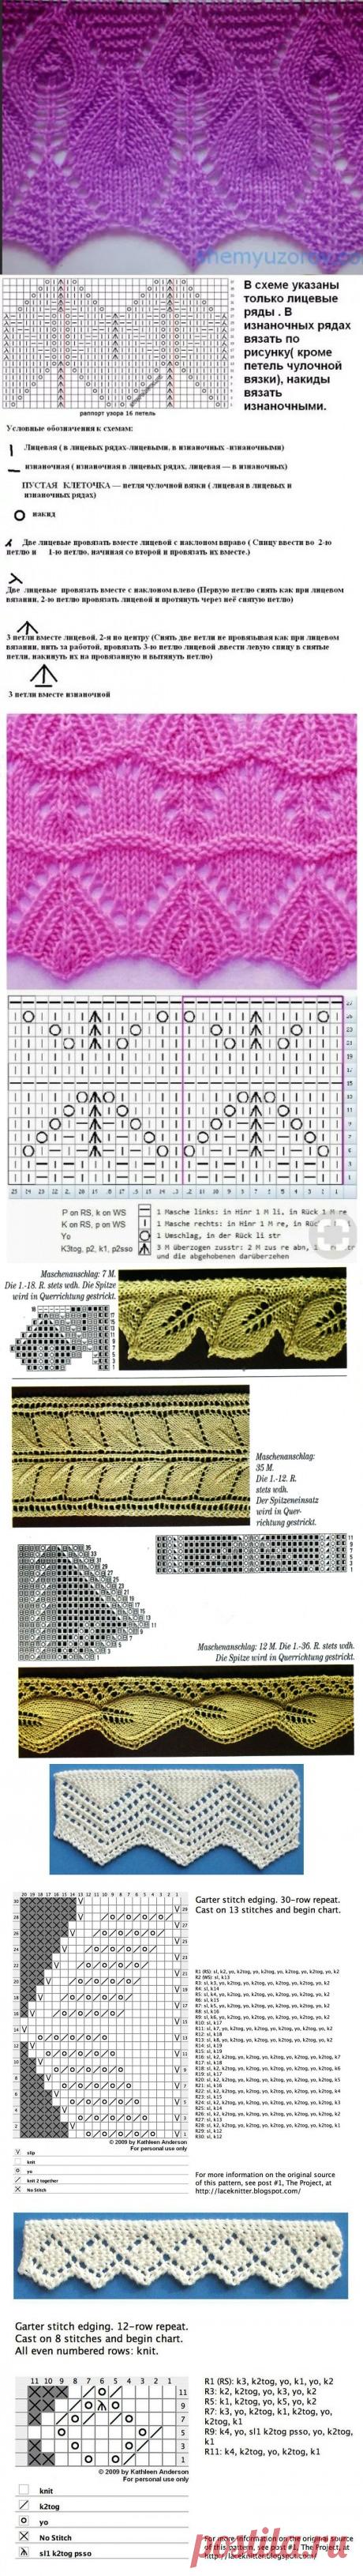 Ажурная кайма спицами, 50 схем вязания с видео-уроками, Узоры для вязания спицами